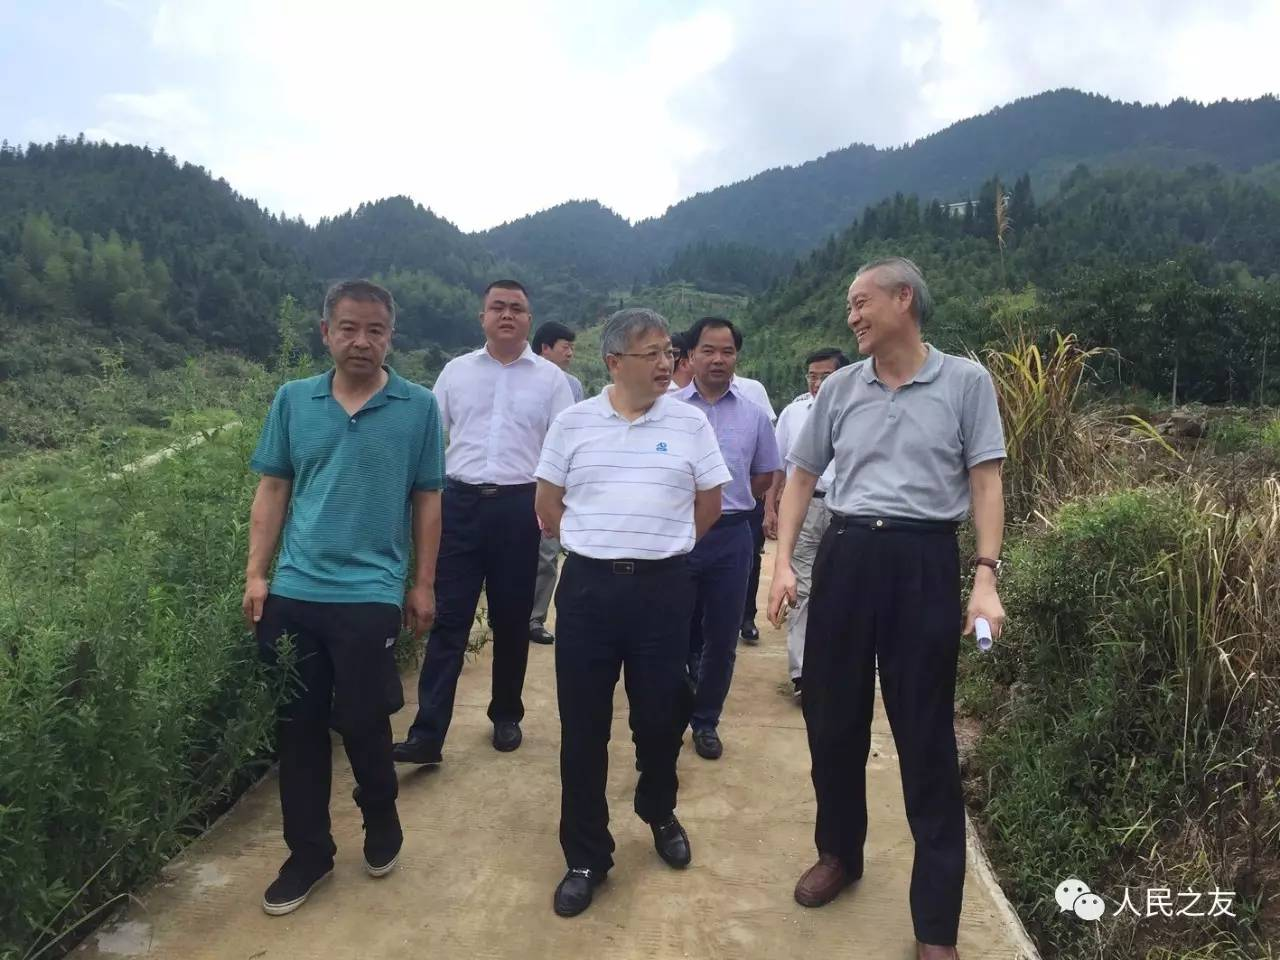 在茶陵县,执法检查组了解了万樟园林公司发展规模及8种扶贫模式;在图片